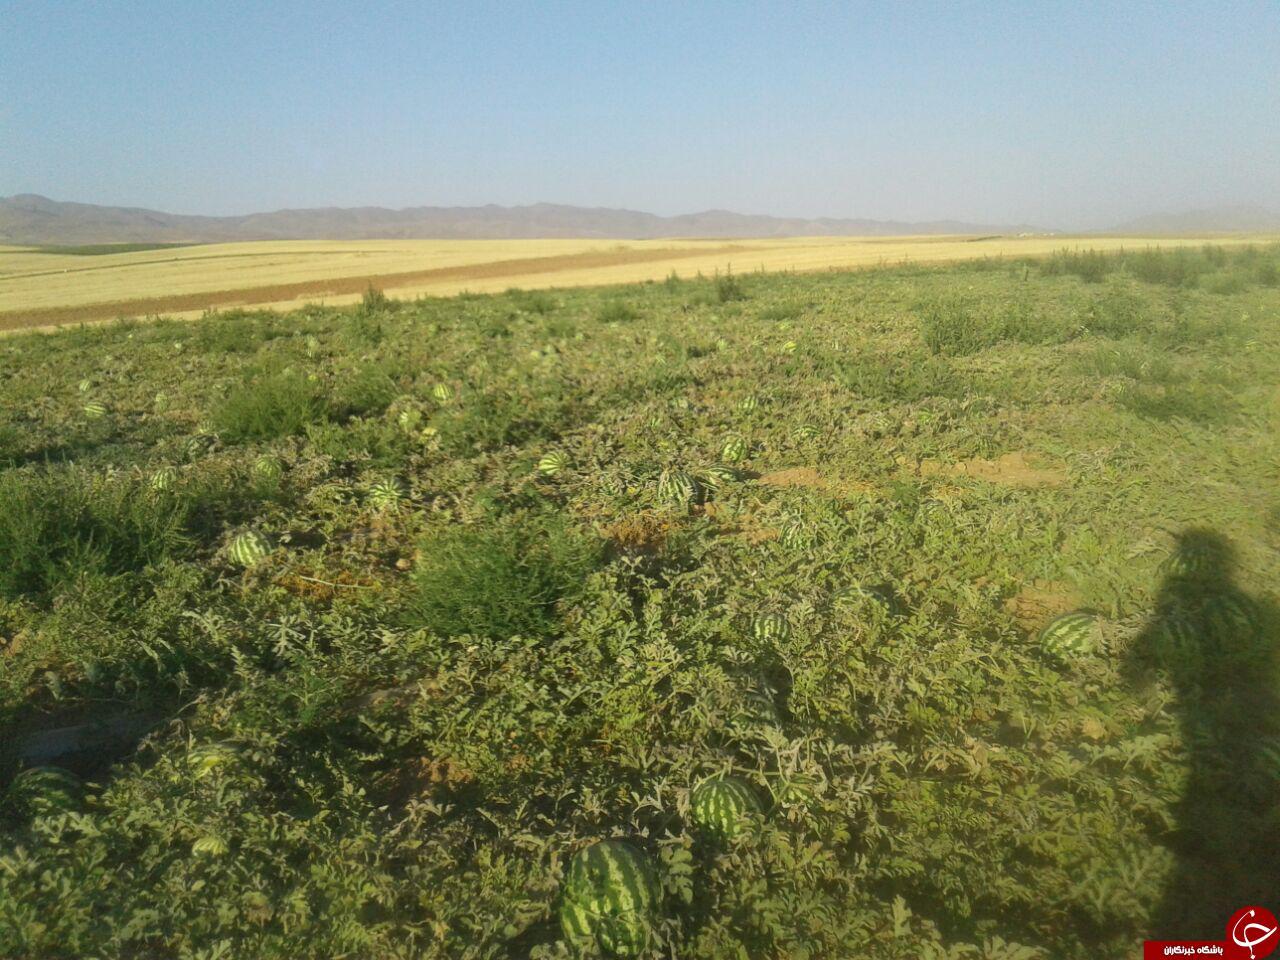 زمین کشاورزی هندوانه در «بهار» رها شد + تصاویر